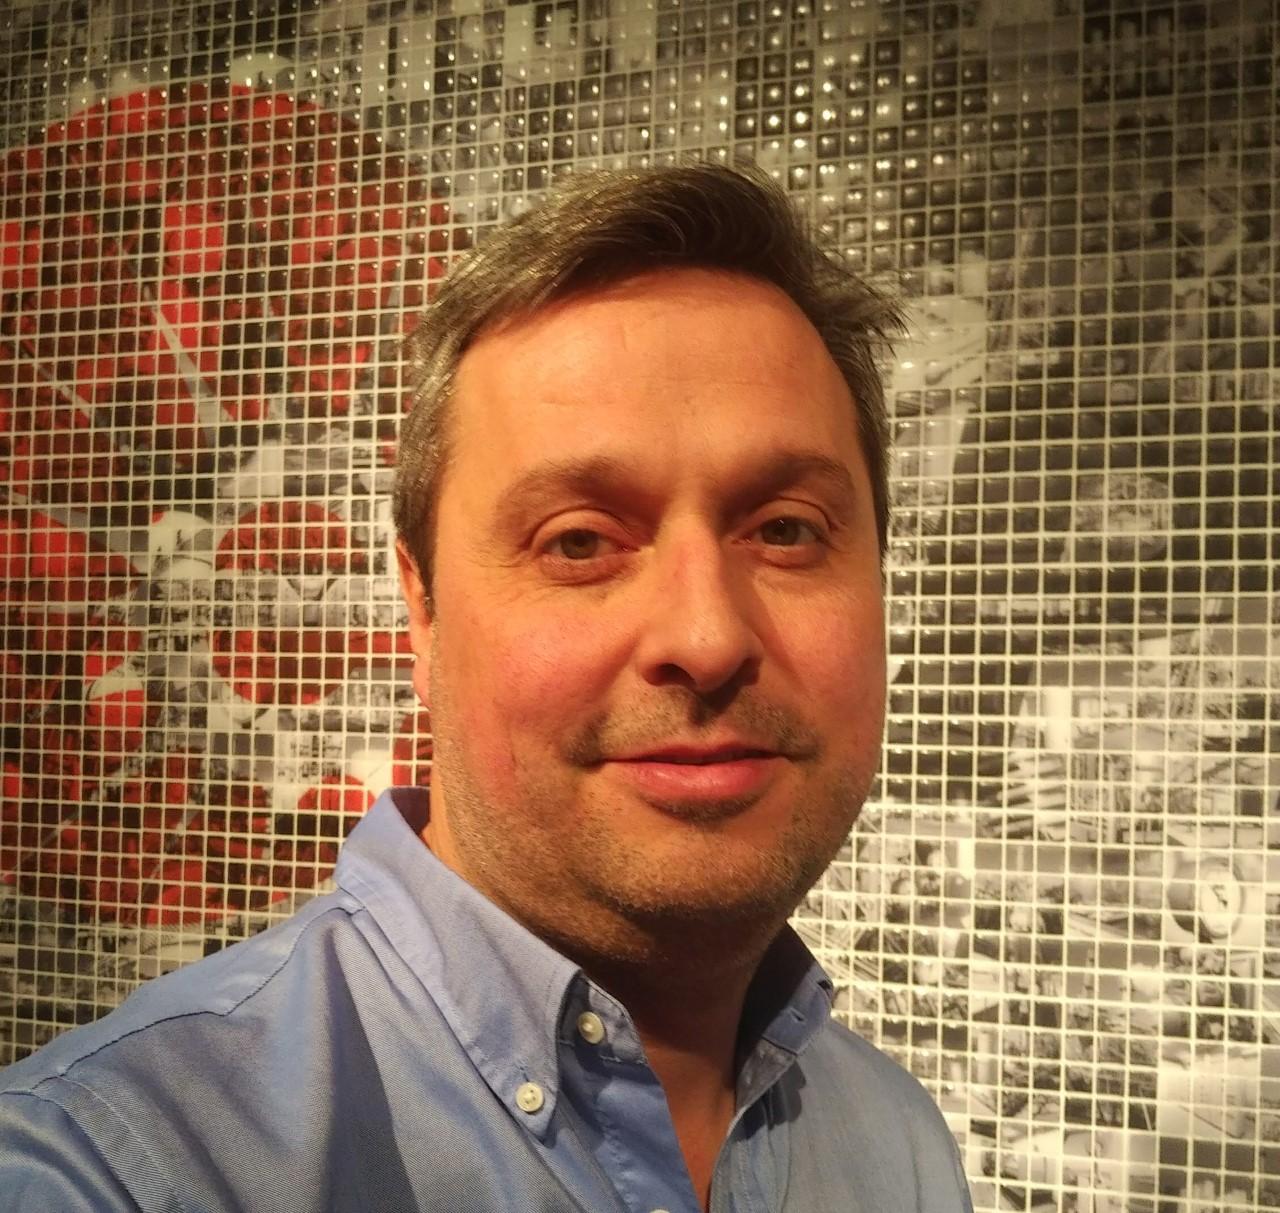 Axel Boerr